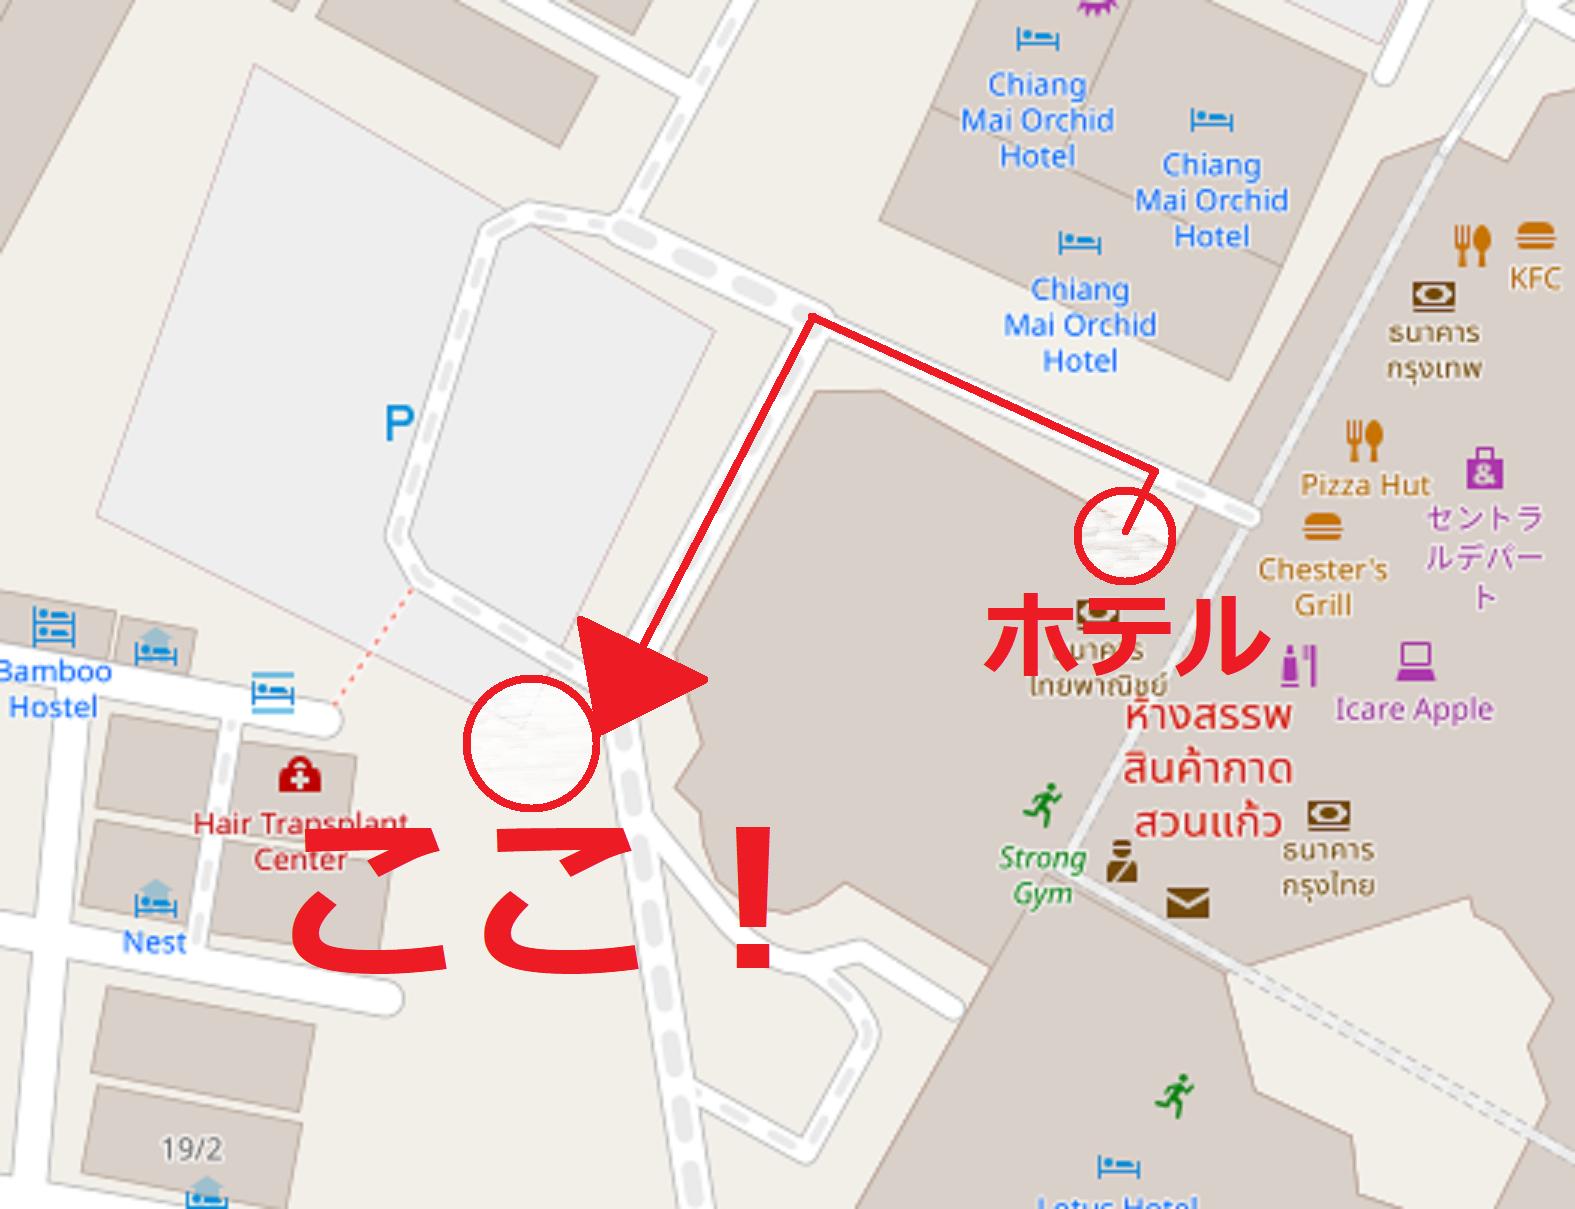 【チェンマイ】おすすめインスタ映え(フォトジェニック)スポット1【ニマンヘミン近辺】